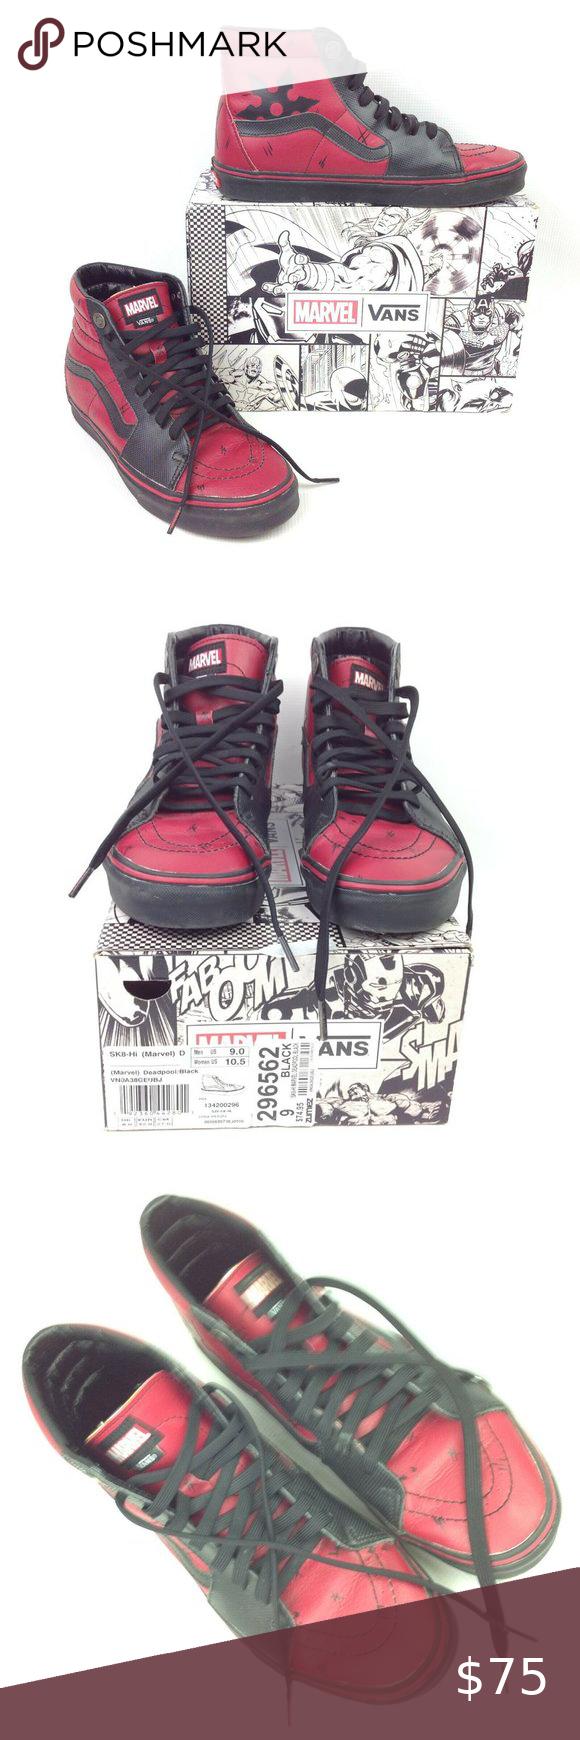 Vans Marvel Deadpool Sk8 Hi Shoes Size